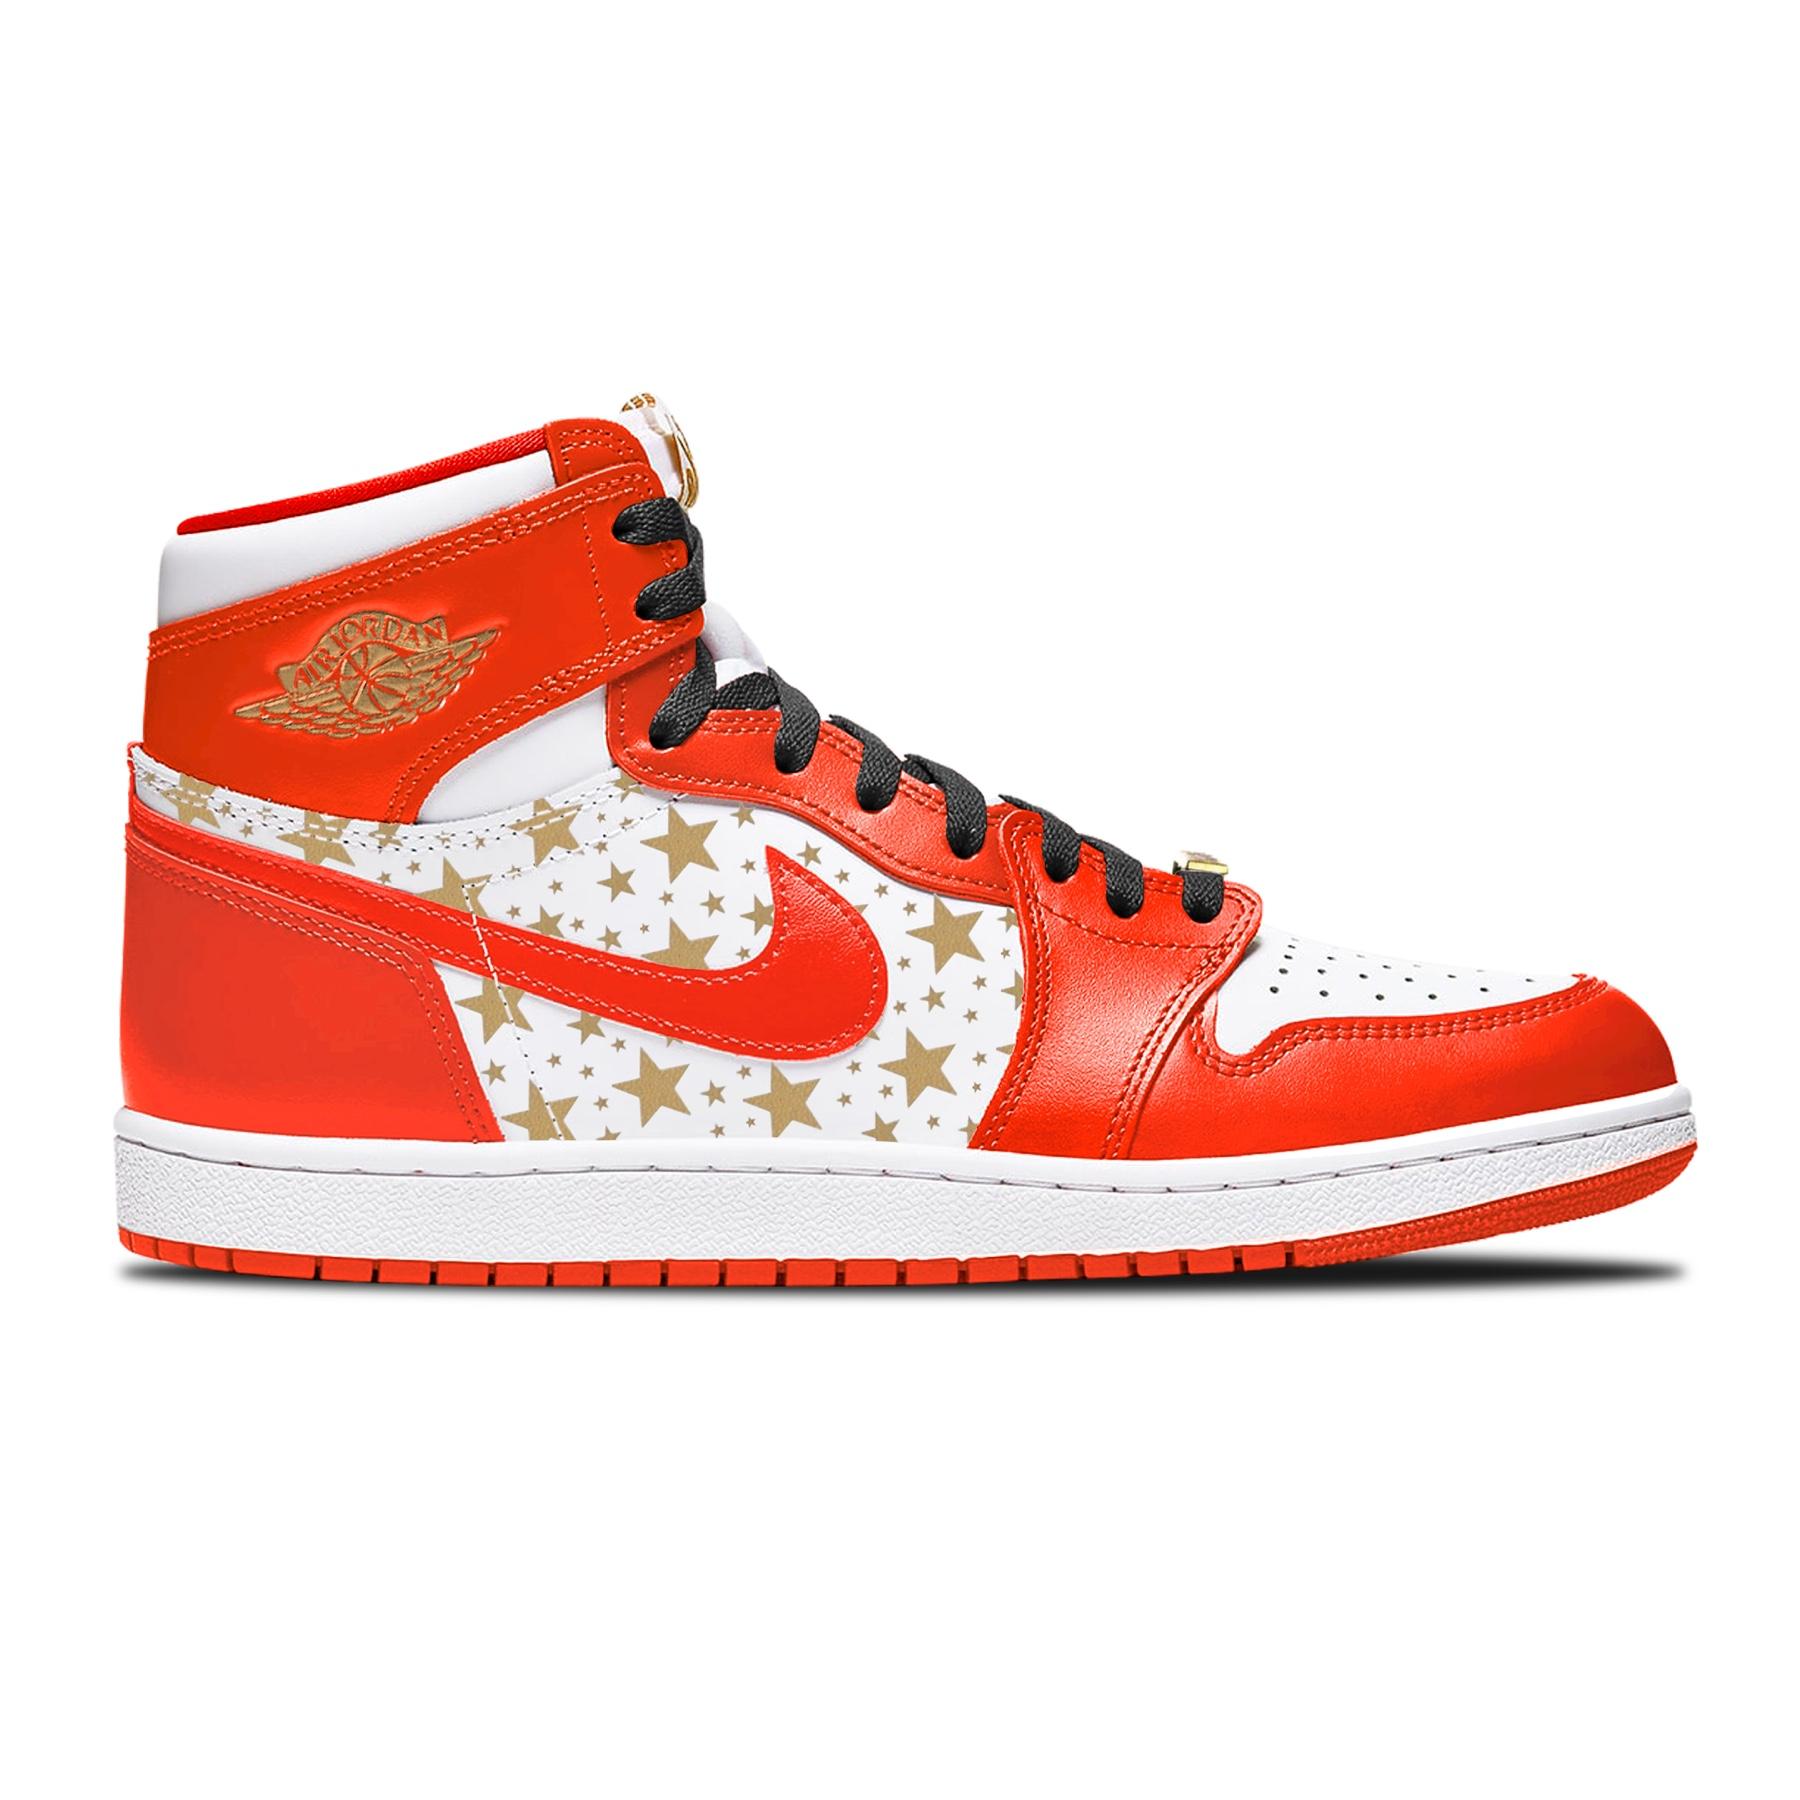 Supreme x Air Jordan 1 High: Ecco un possibile mockup delle ...